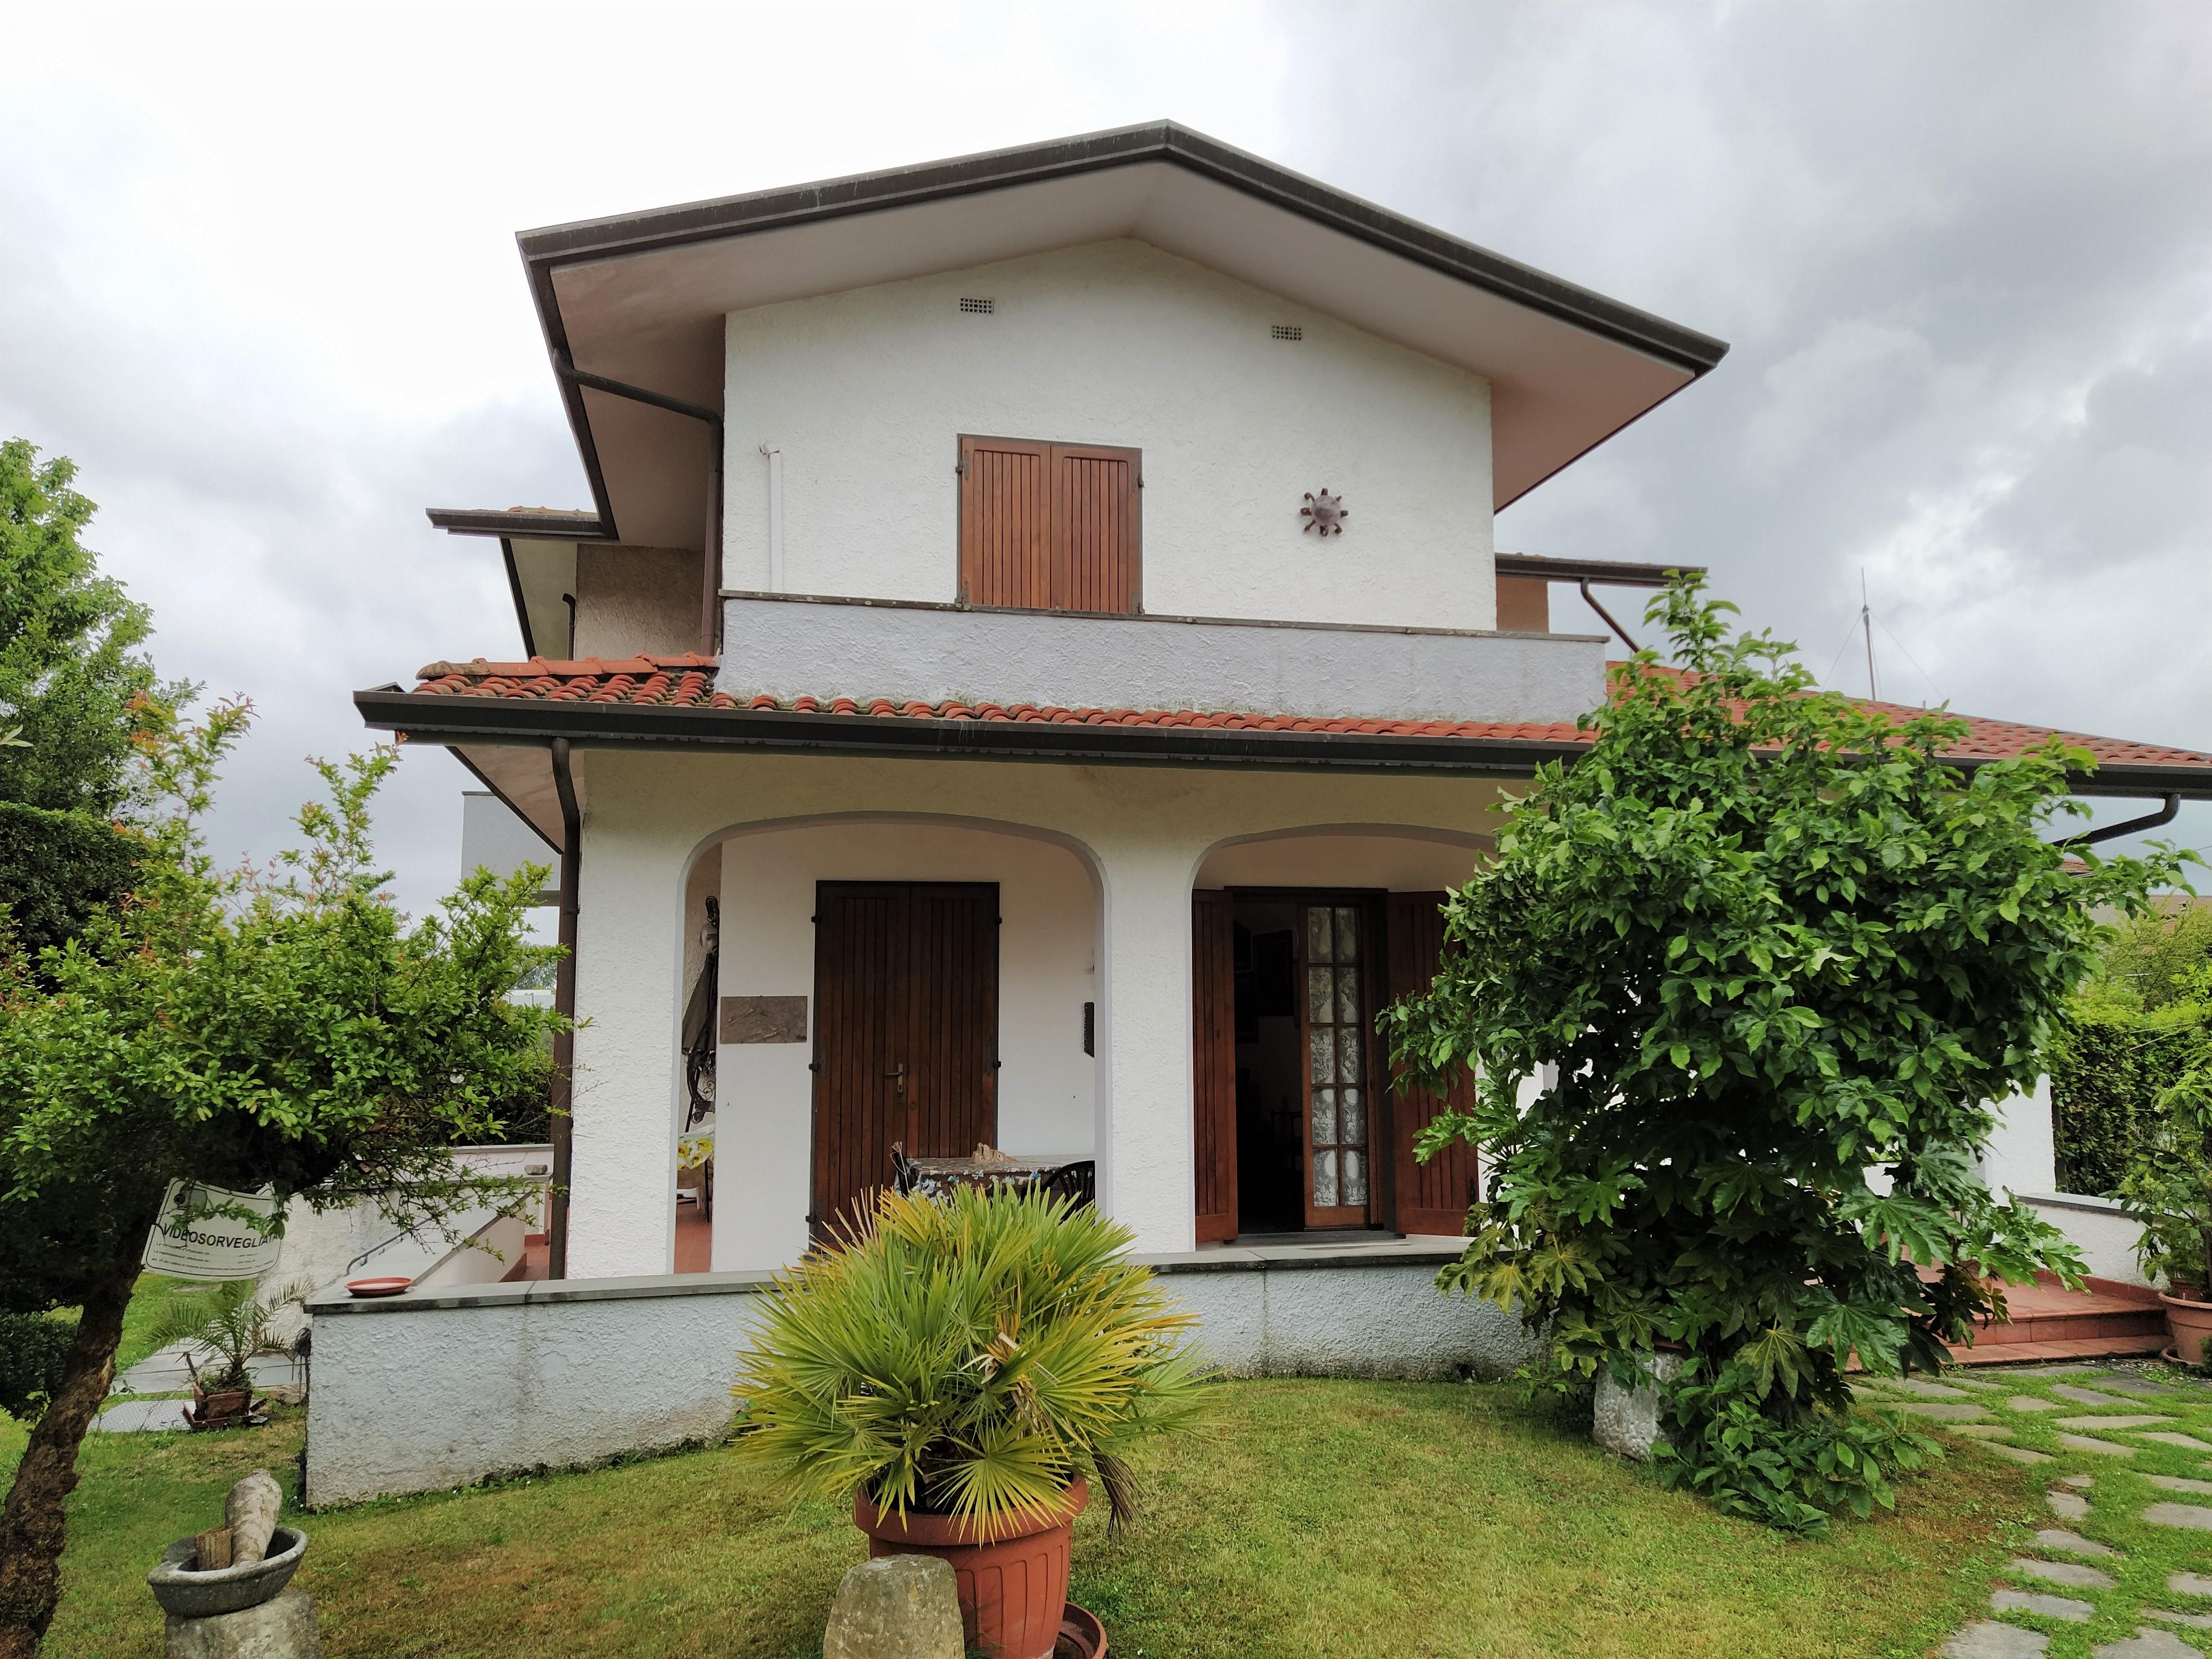 Ampia Villa disponibile per Affitto Estivo